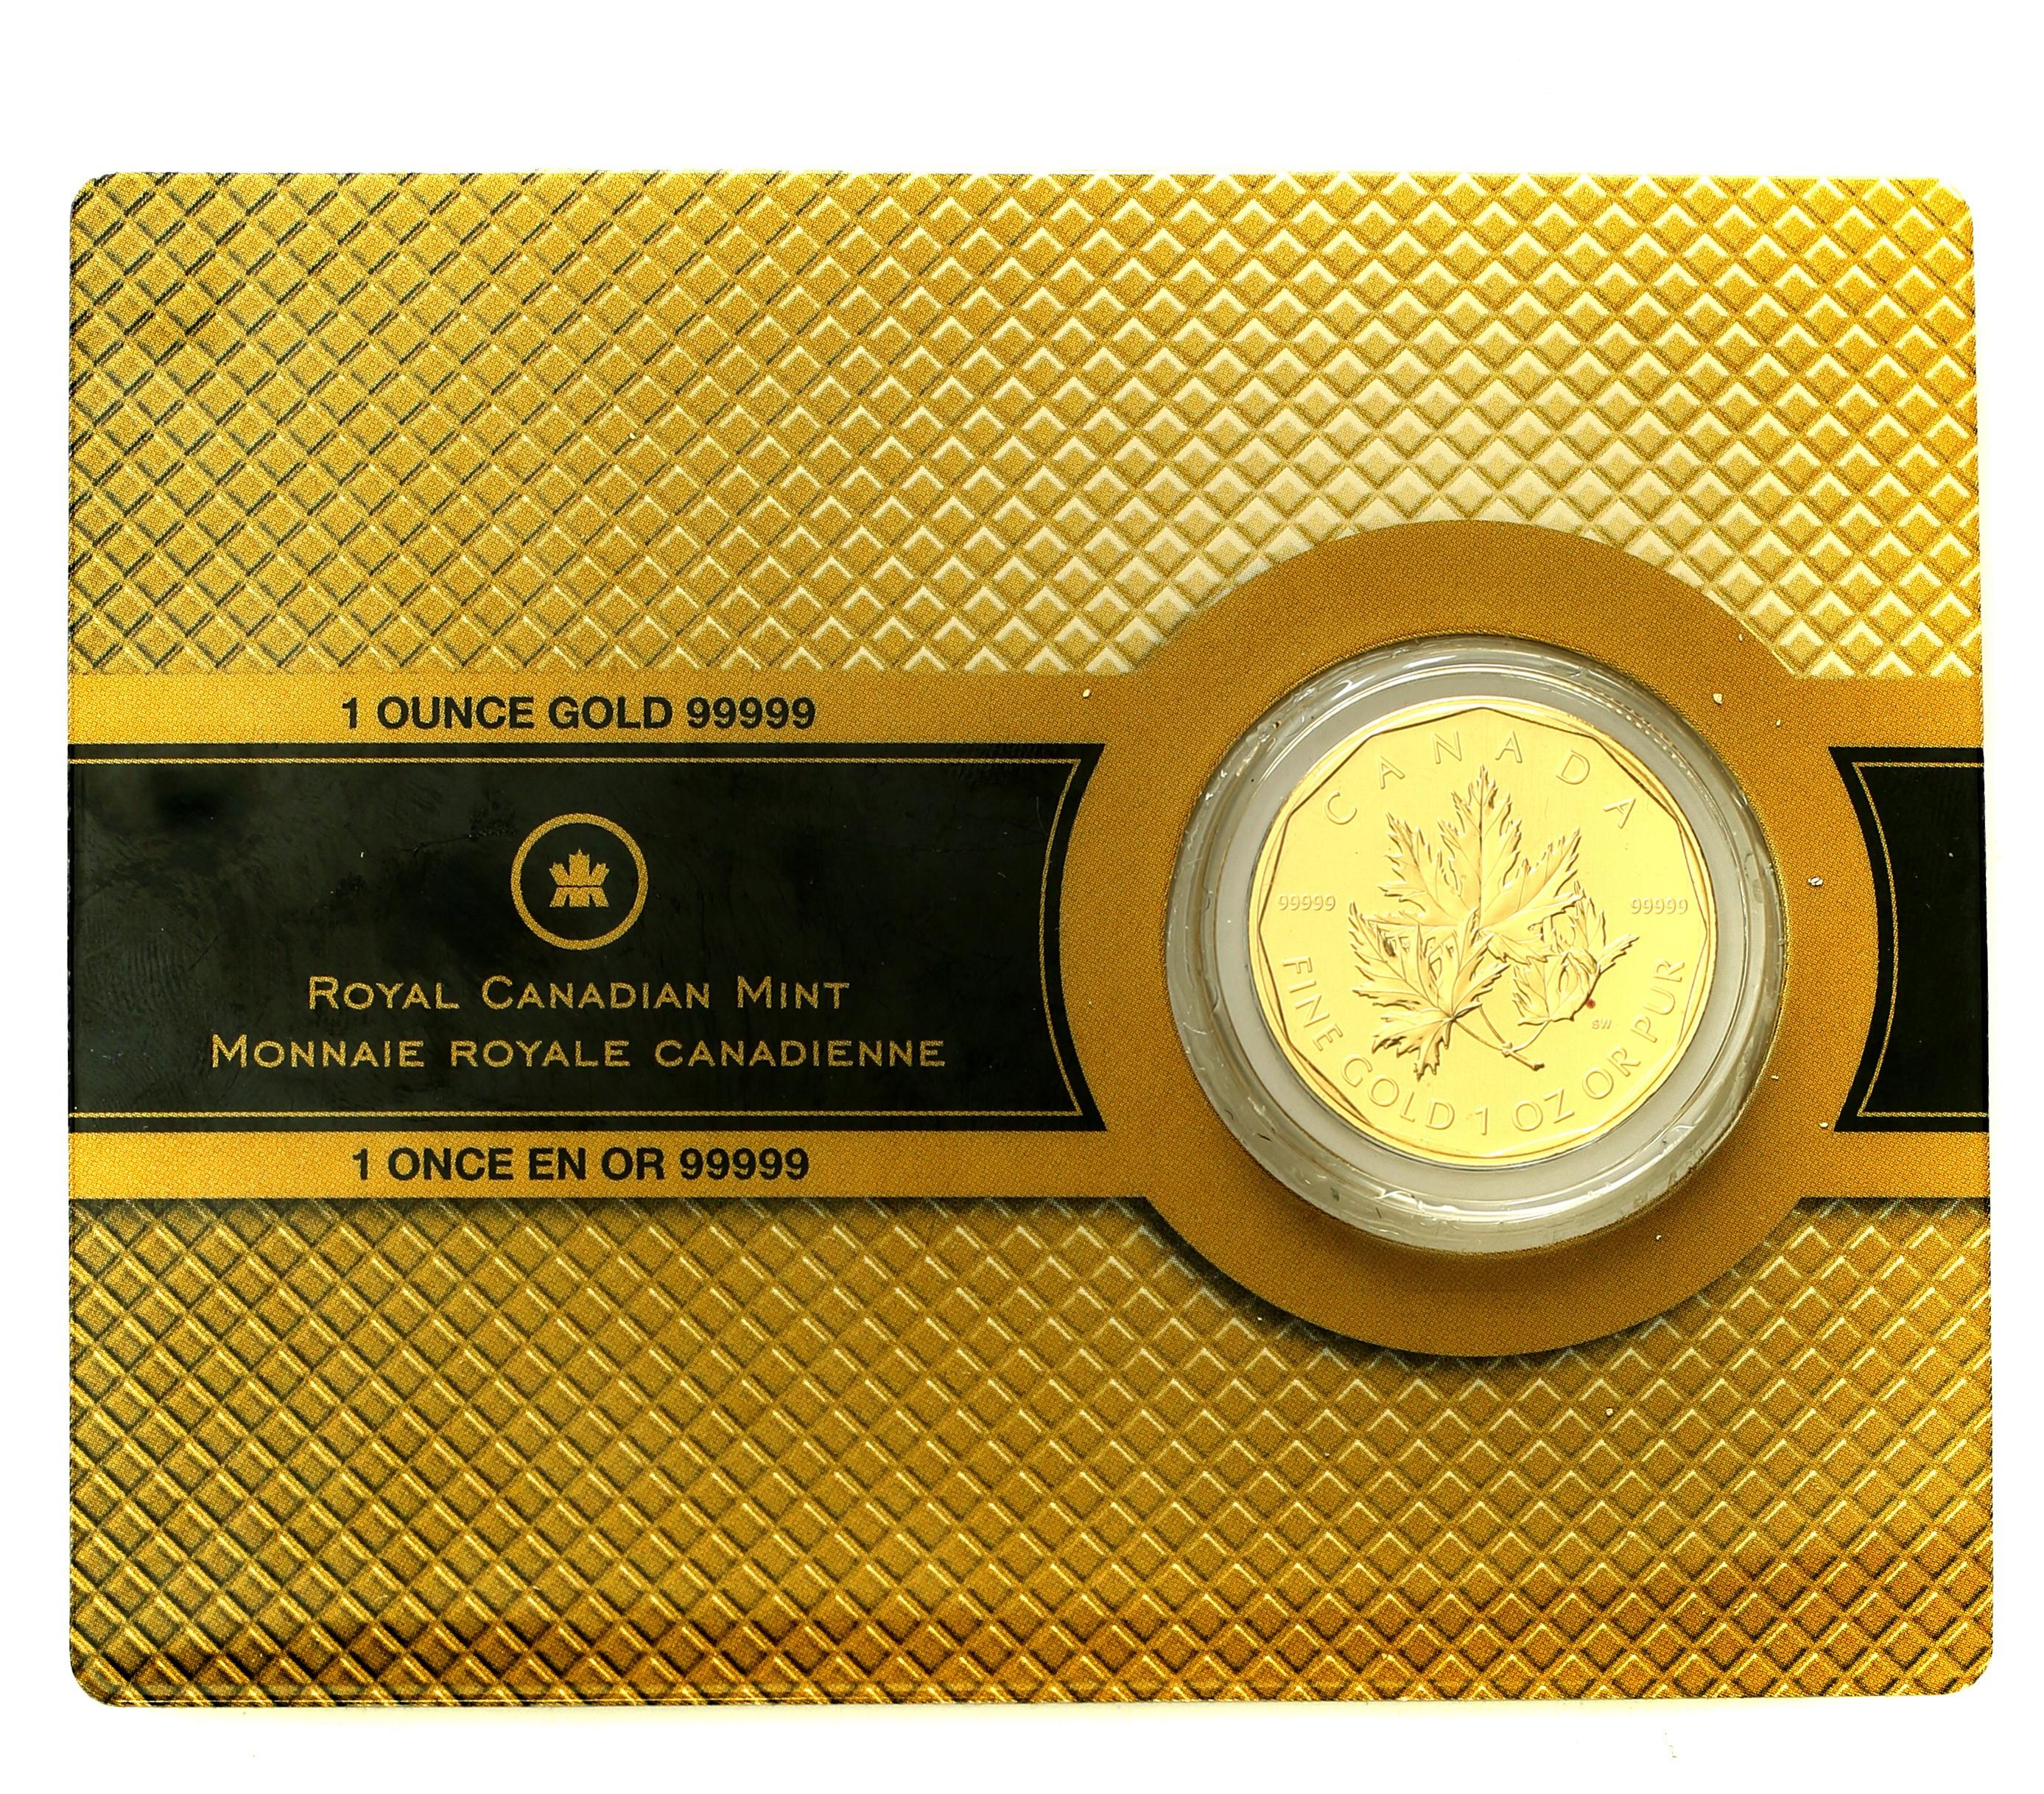 Kanada. 200 dolarów 2007 Liść klonowy z certyfikatem – Uncja złota st.1